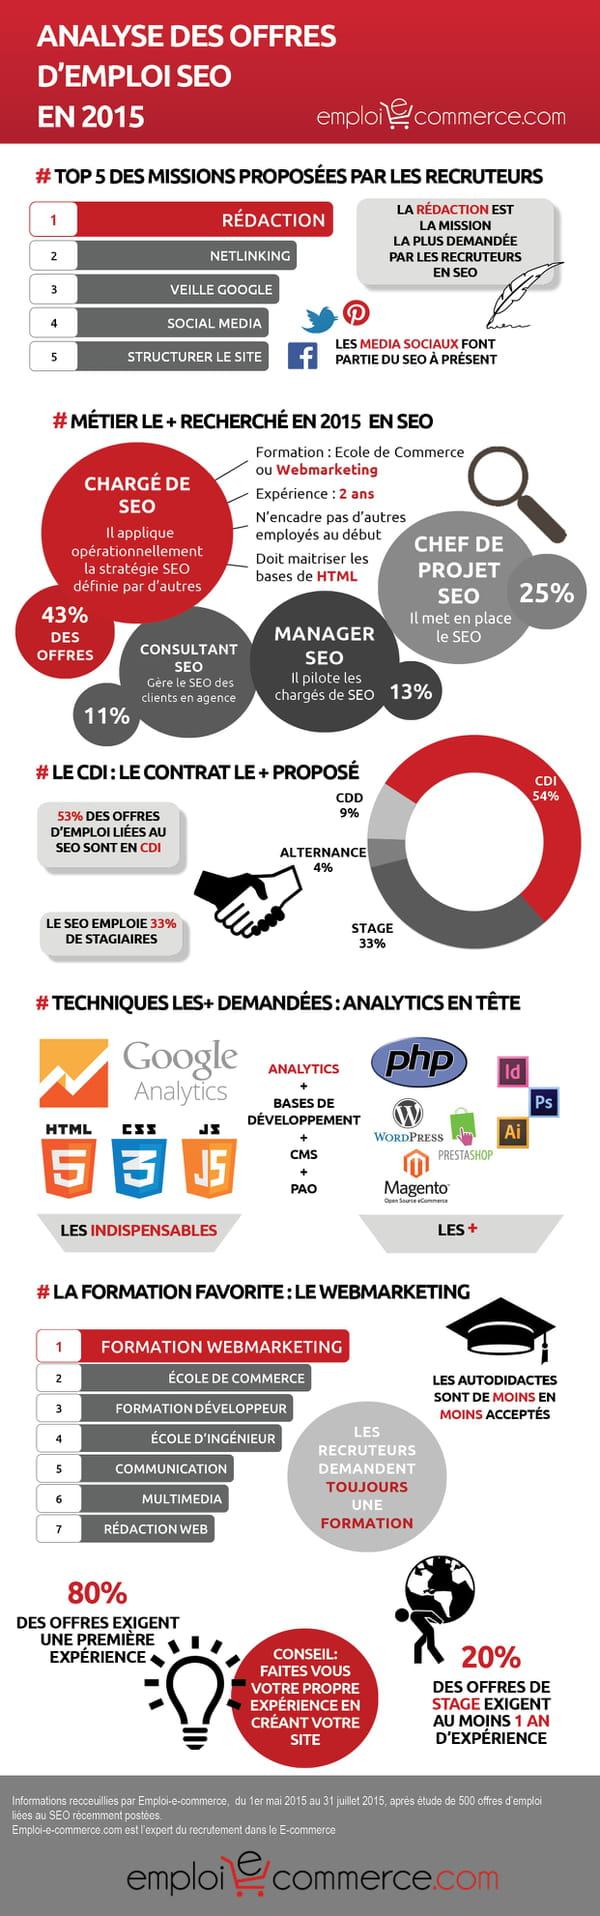 SEO en e-commerce